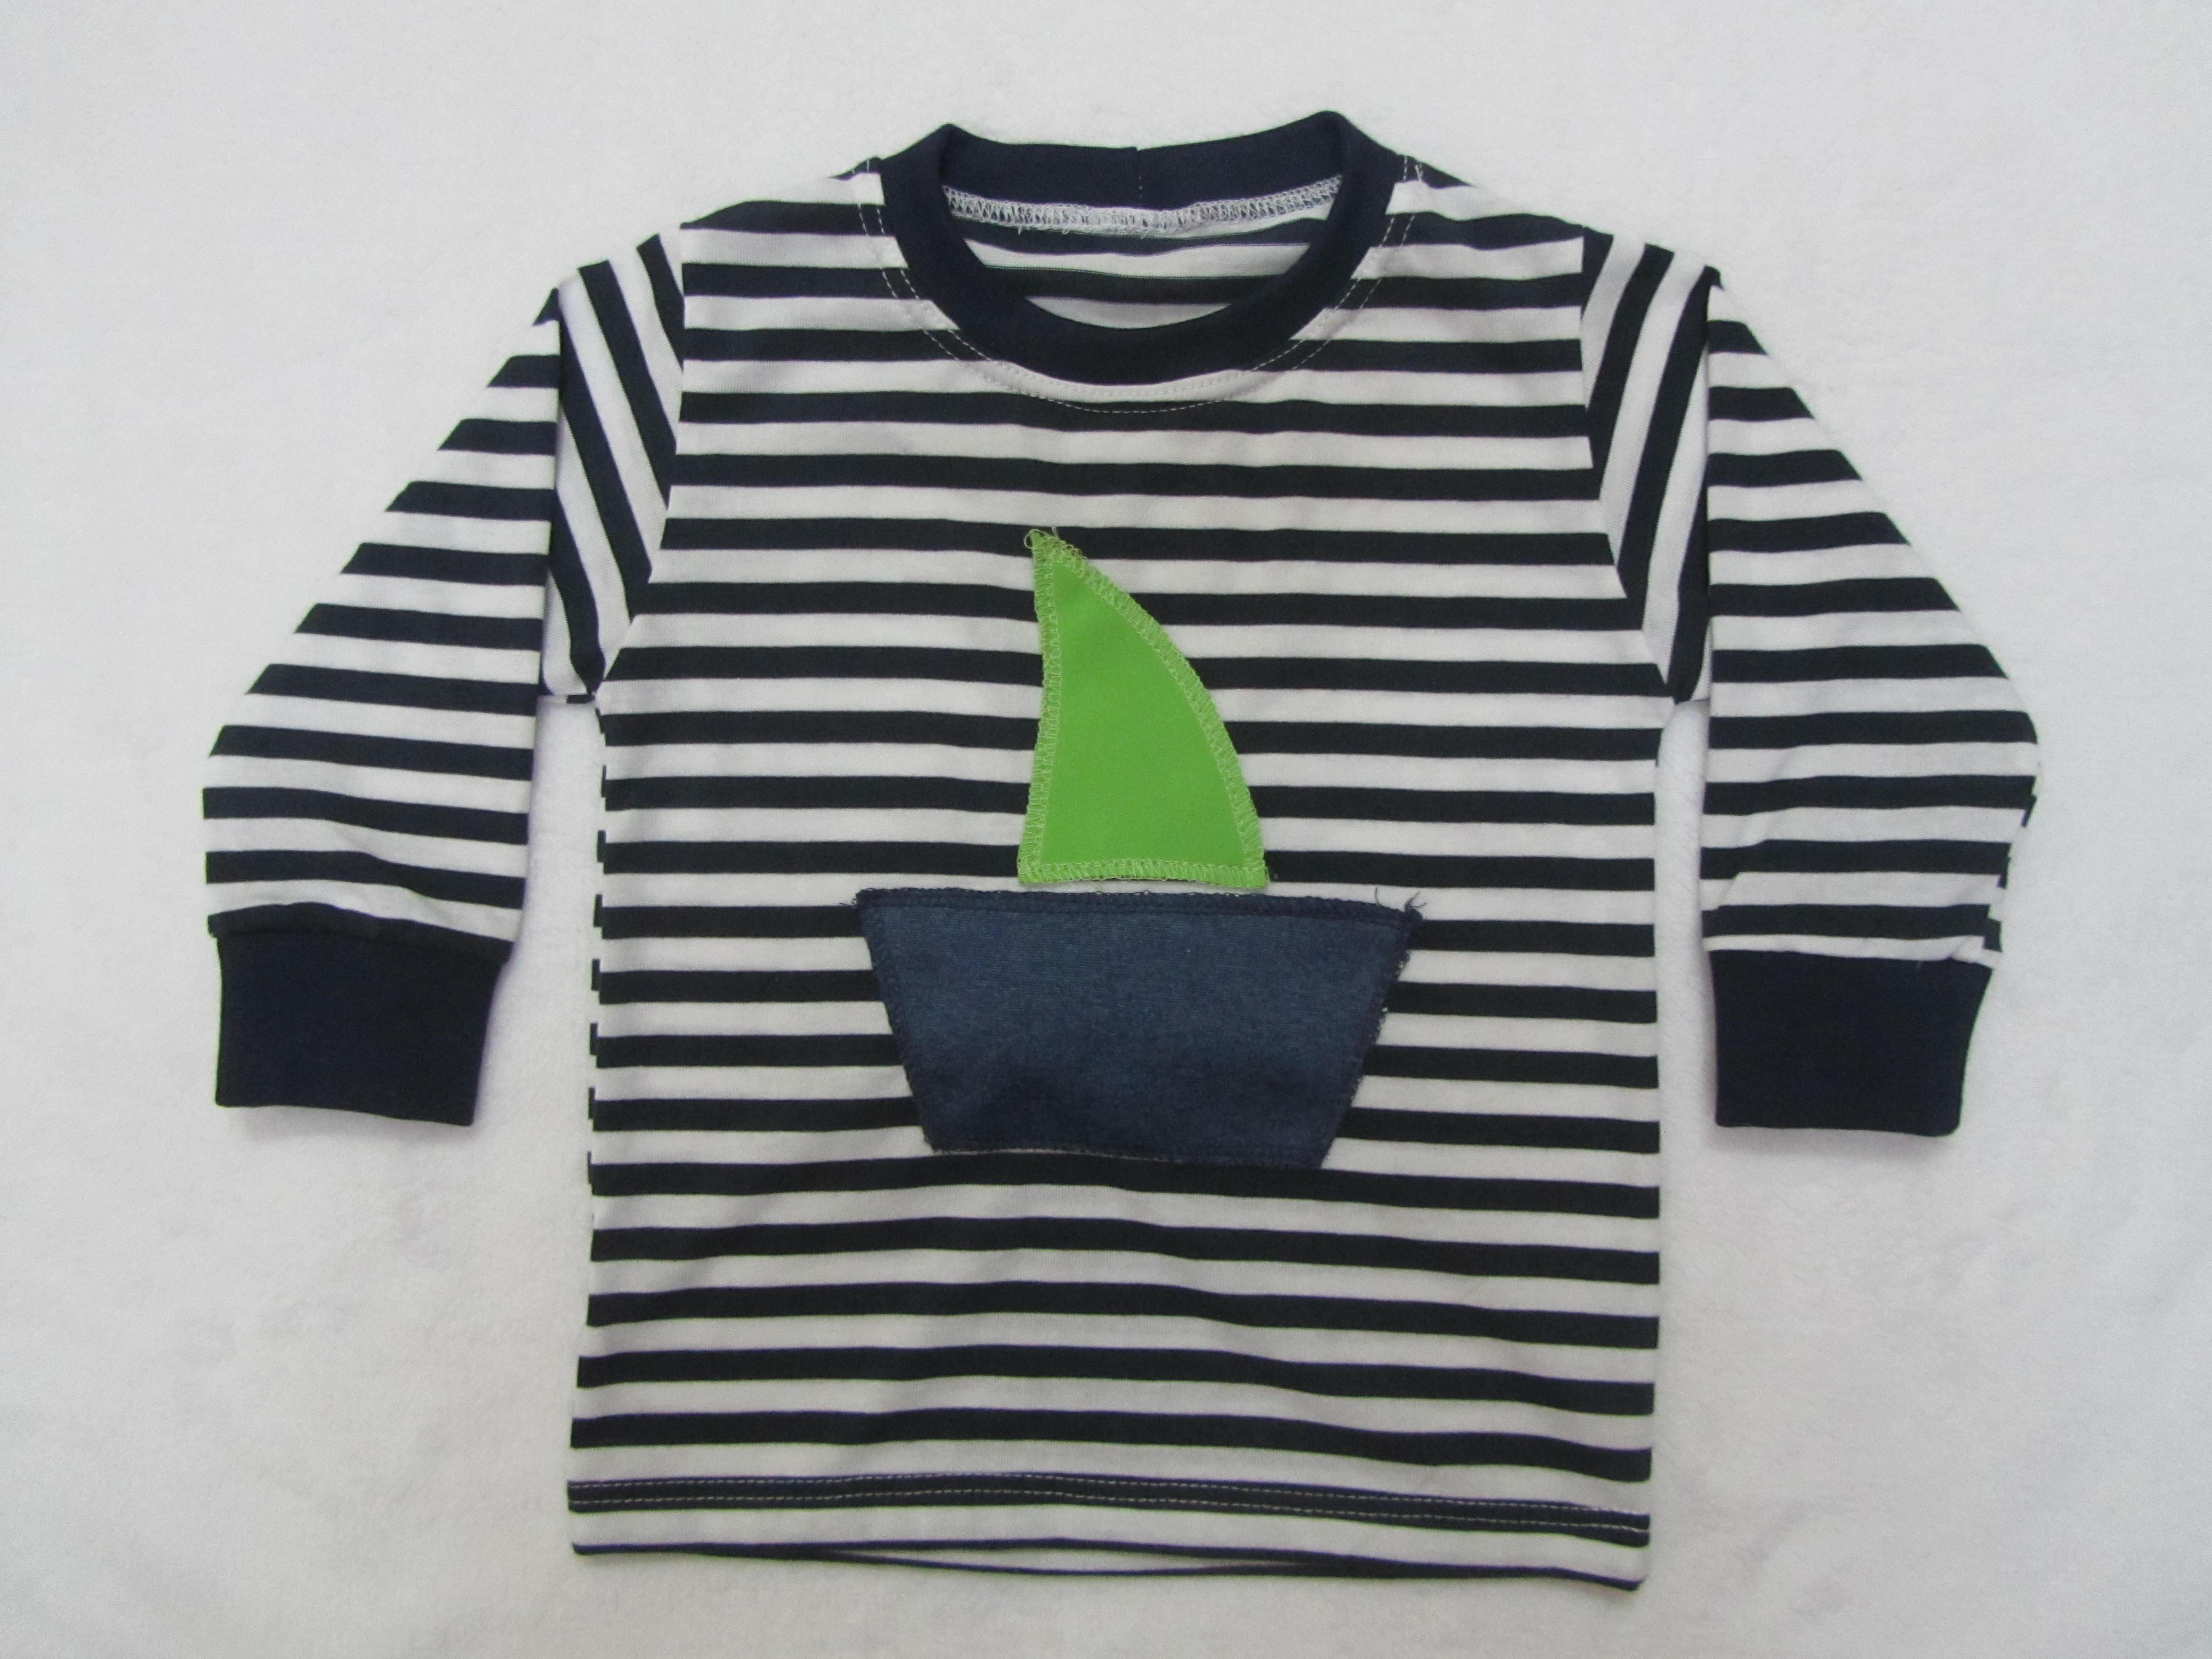 66e2fc425 Námornícke tričko s pískacím vzorom dlhý rukáv lodička